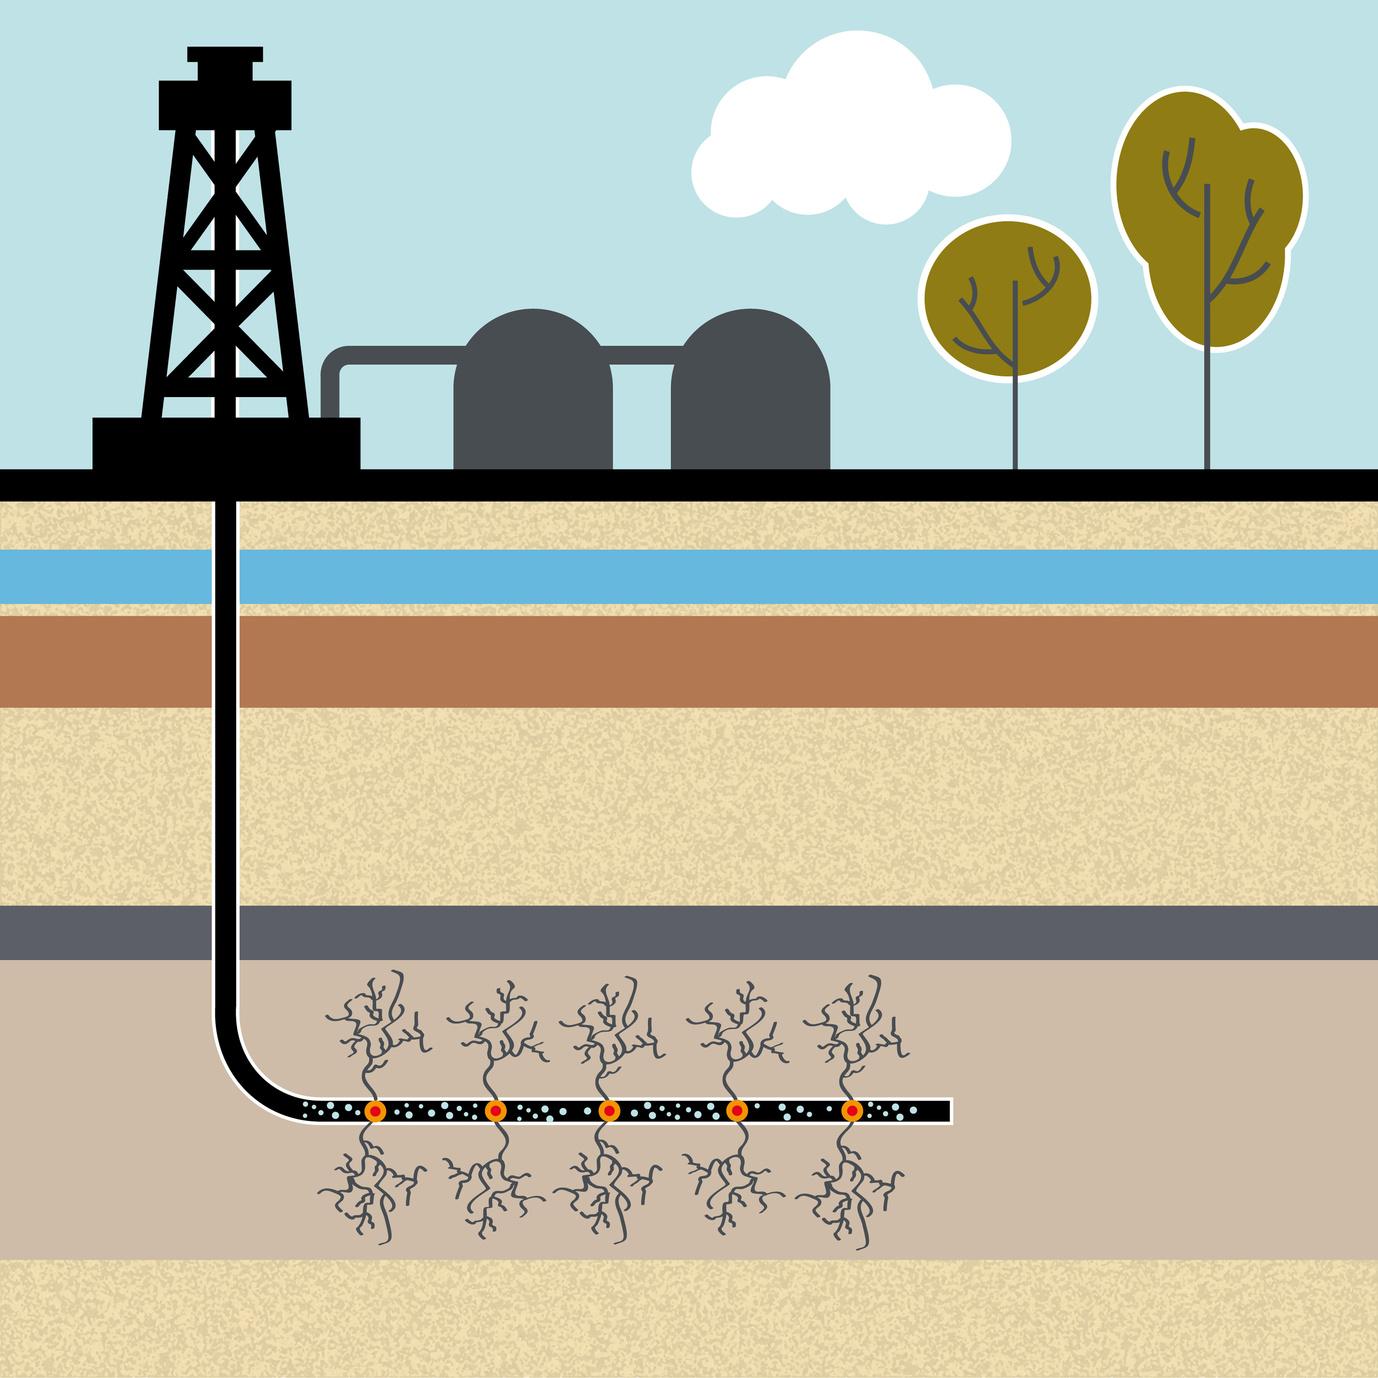 baum, behŠlter, umweltverschmutzung, biologisch, brennstoff, business, chemie, chemikalien, darstellung, Fšrderturm, energie, energiegewinnung, erde, erdgas, erdreich, erdšl, erklŠrung, forschung, fossile, fracking, gas, gasvorkommen, Fšrderanlage, gefahr, gewinnung, grafik, grundwasser, himmel, hintergrund, Protest, illustration, industrie, info, infografik, nachhaltigkeit, prinzip, tank, BŸrgerinitiative, umwelt, vektor, wissenschaft, škologie, škologisch, šl, Bohrloch, Gestein, Tonschiefer, Trinkwasser, Fšrdermethode, Gasreservoir